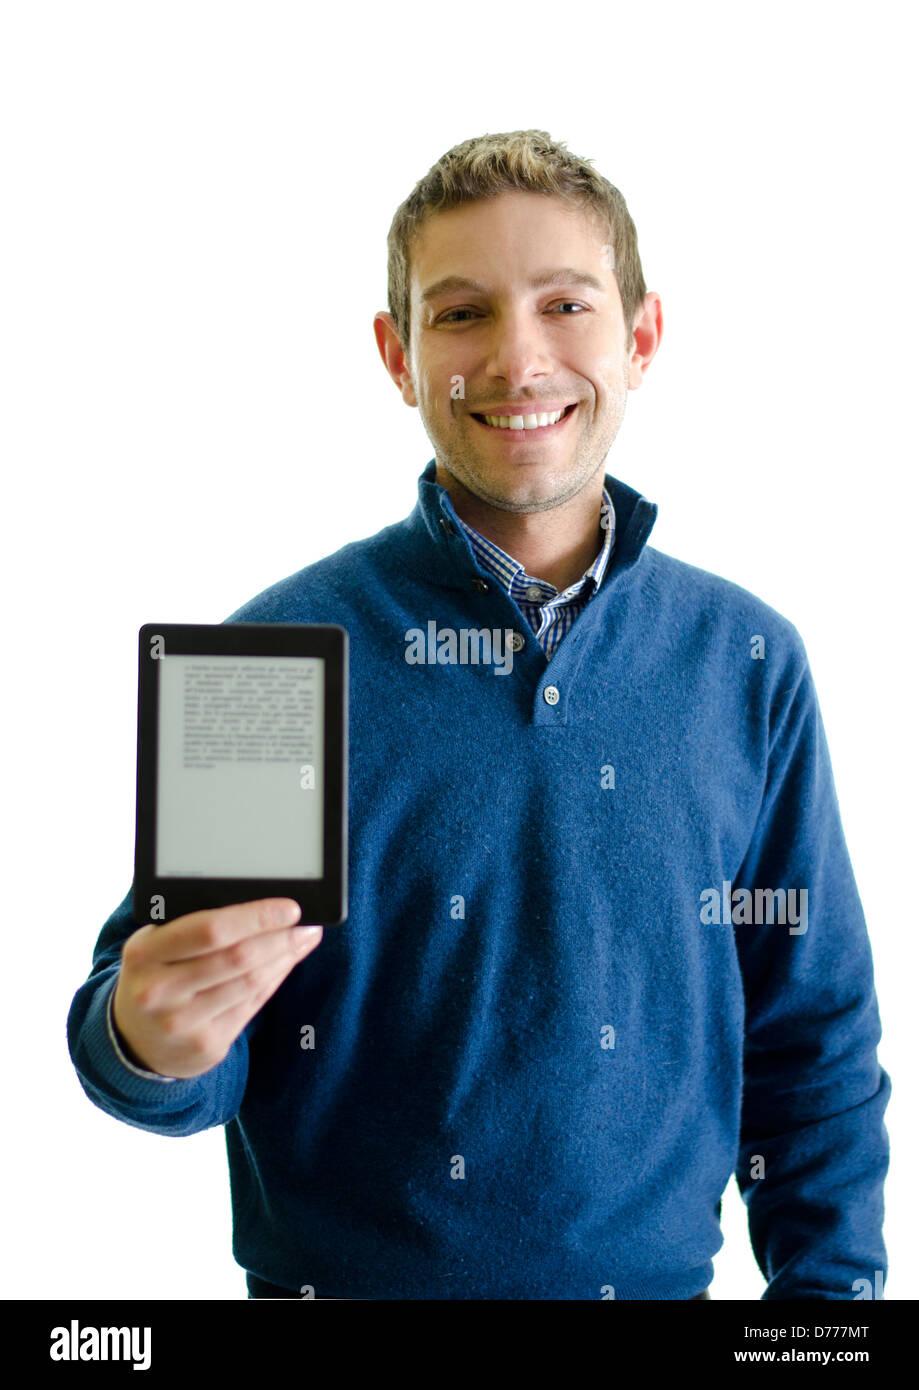 Jeune homme avec lecteur de livre électronique (e-reader) dans sa main, en souriant. Isolated on white Photo Stock